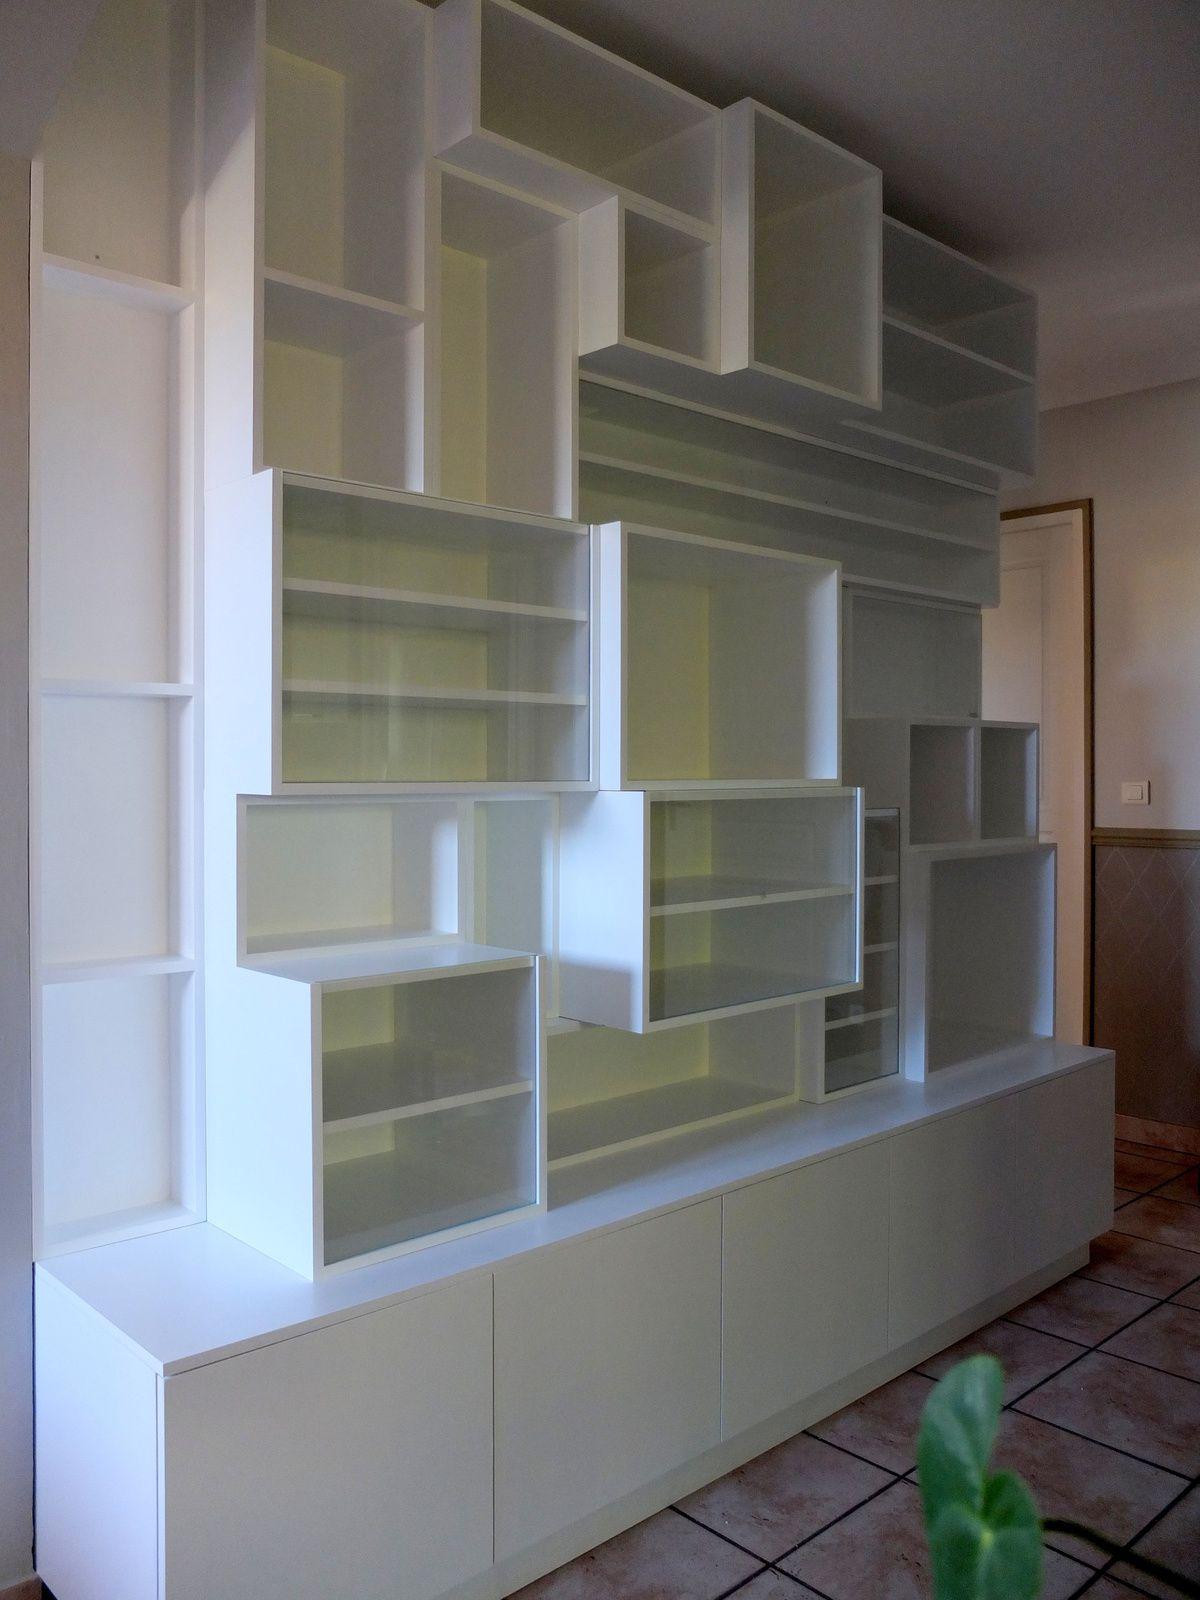 Un cabinet de curiosit s sur mesure miki kaya - Meuble cabinet de curiosite ...